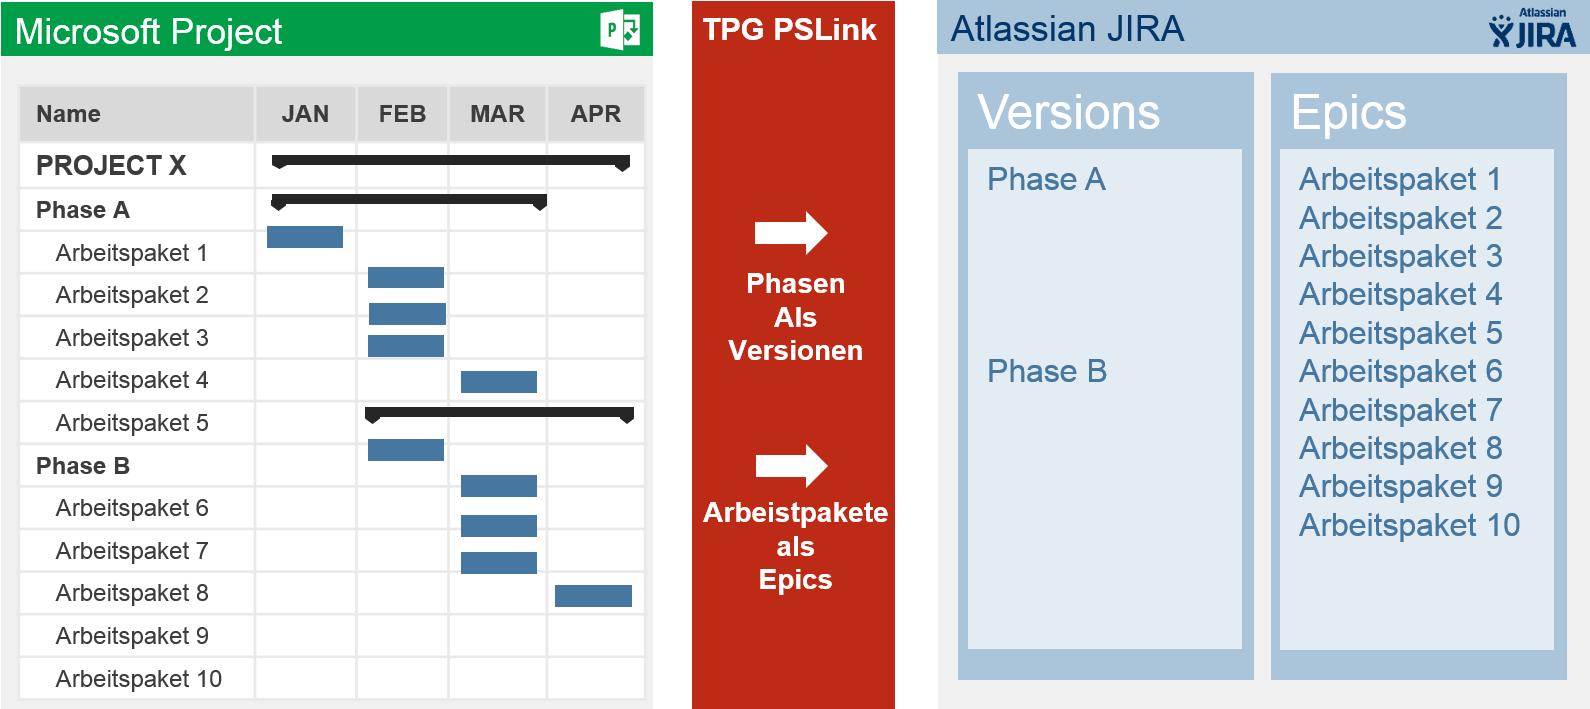 MS Project mit JIRA Integration